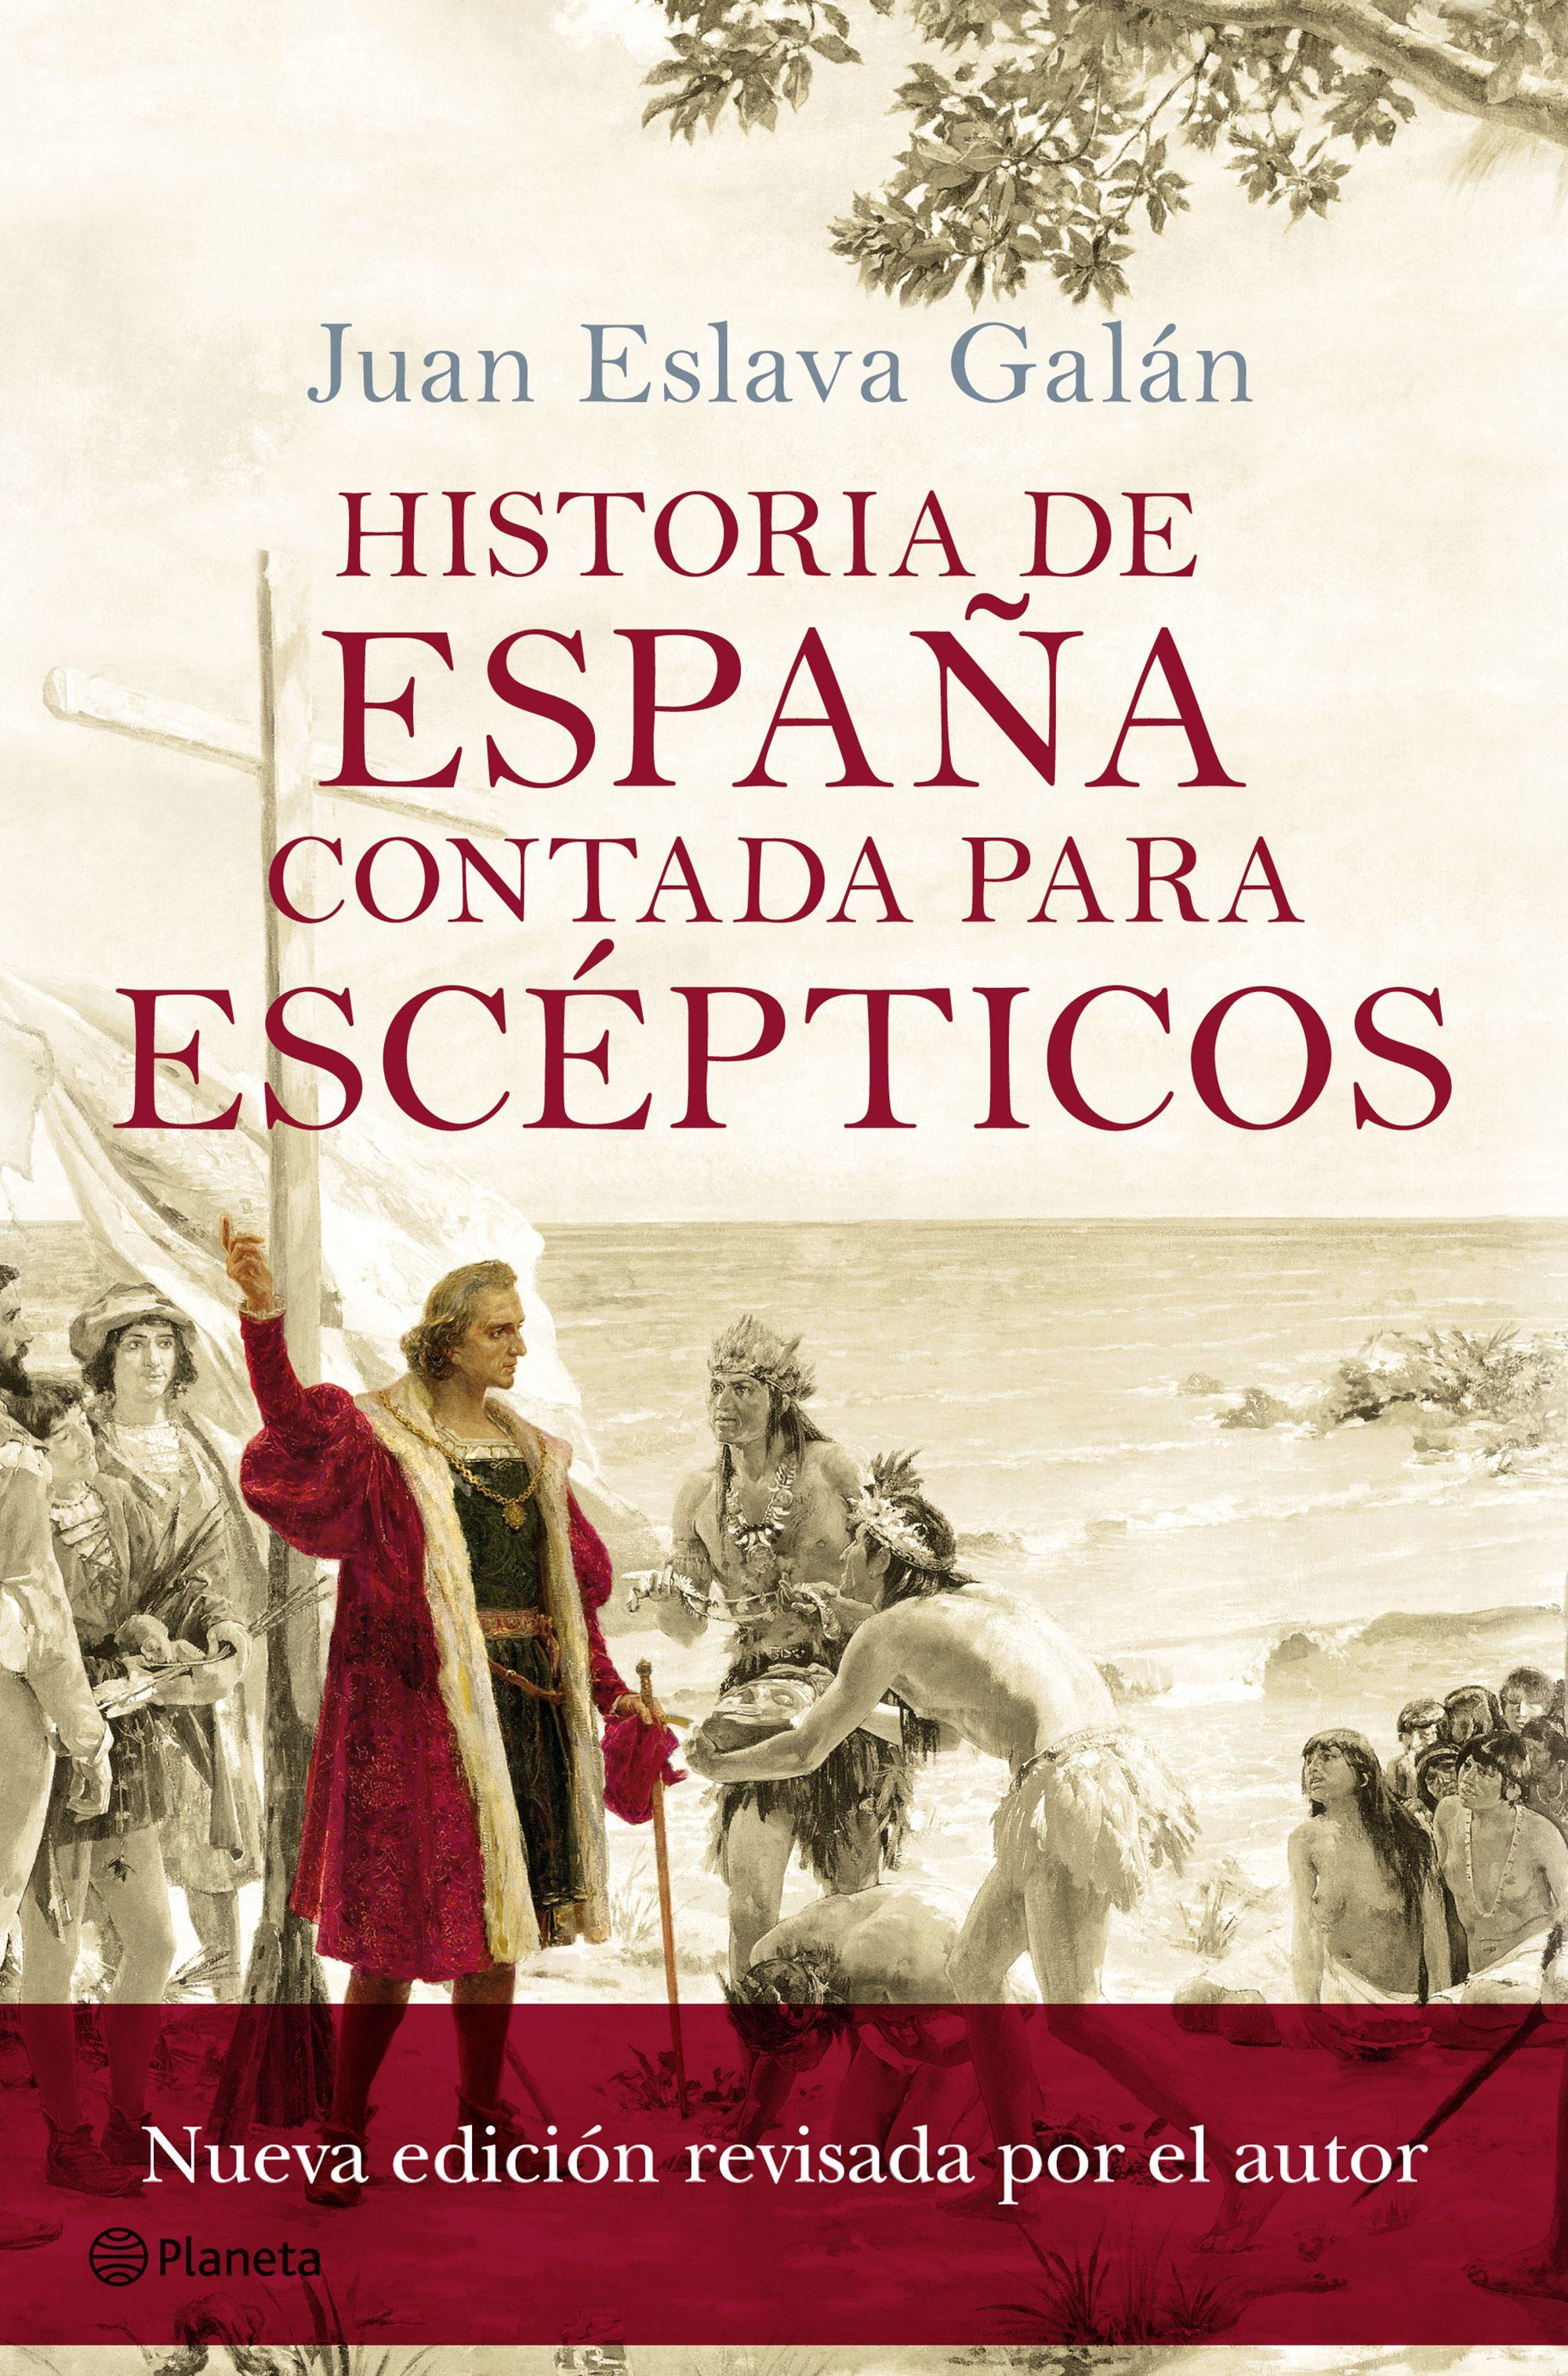 Historia De España Contada Para Escepticos (nueva Edicion Revisada Por El Autor) por Juan Eslava Galan